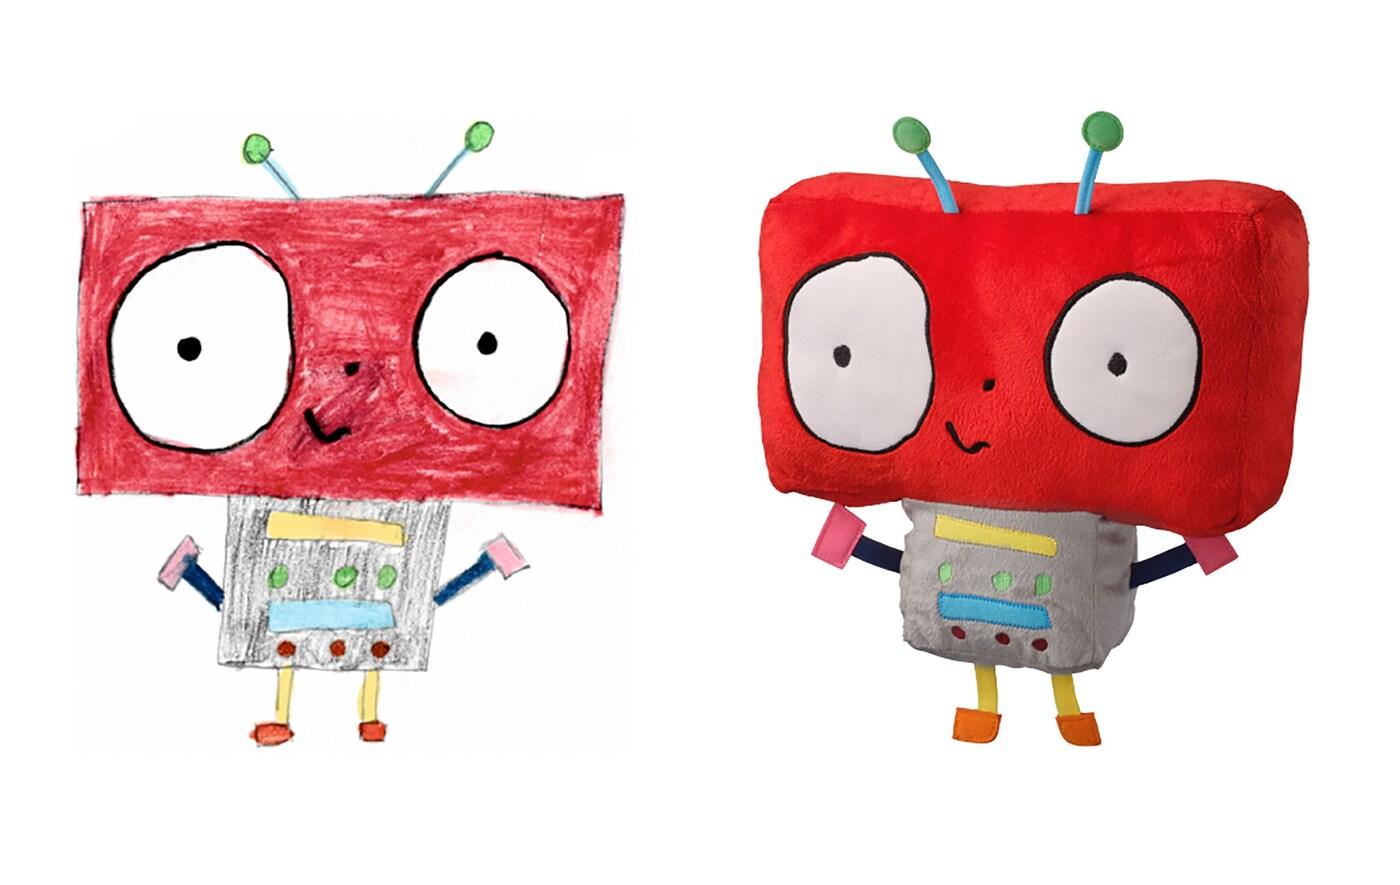 Irudizko robot baten marrazkia, eta marrazki horretako robota oinarri hartuta egindako peluxearen argazkia alboan.